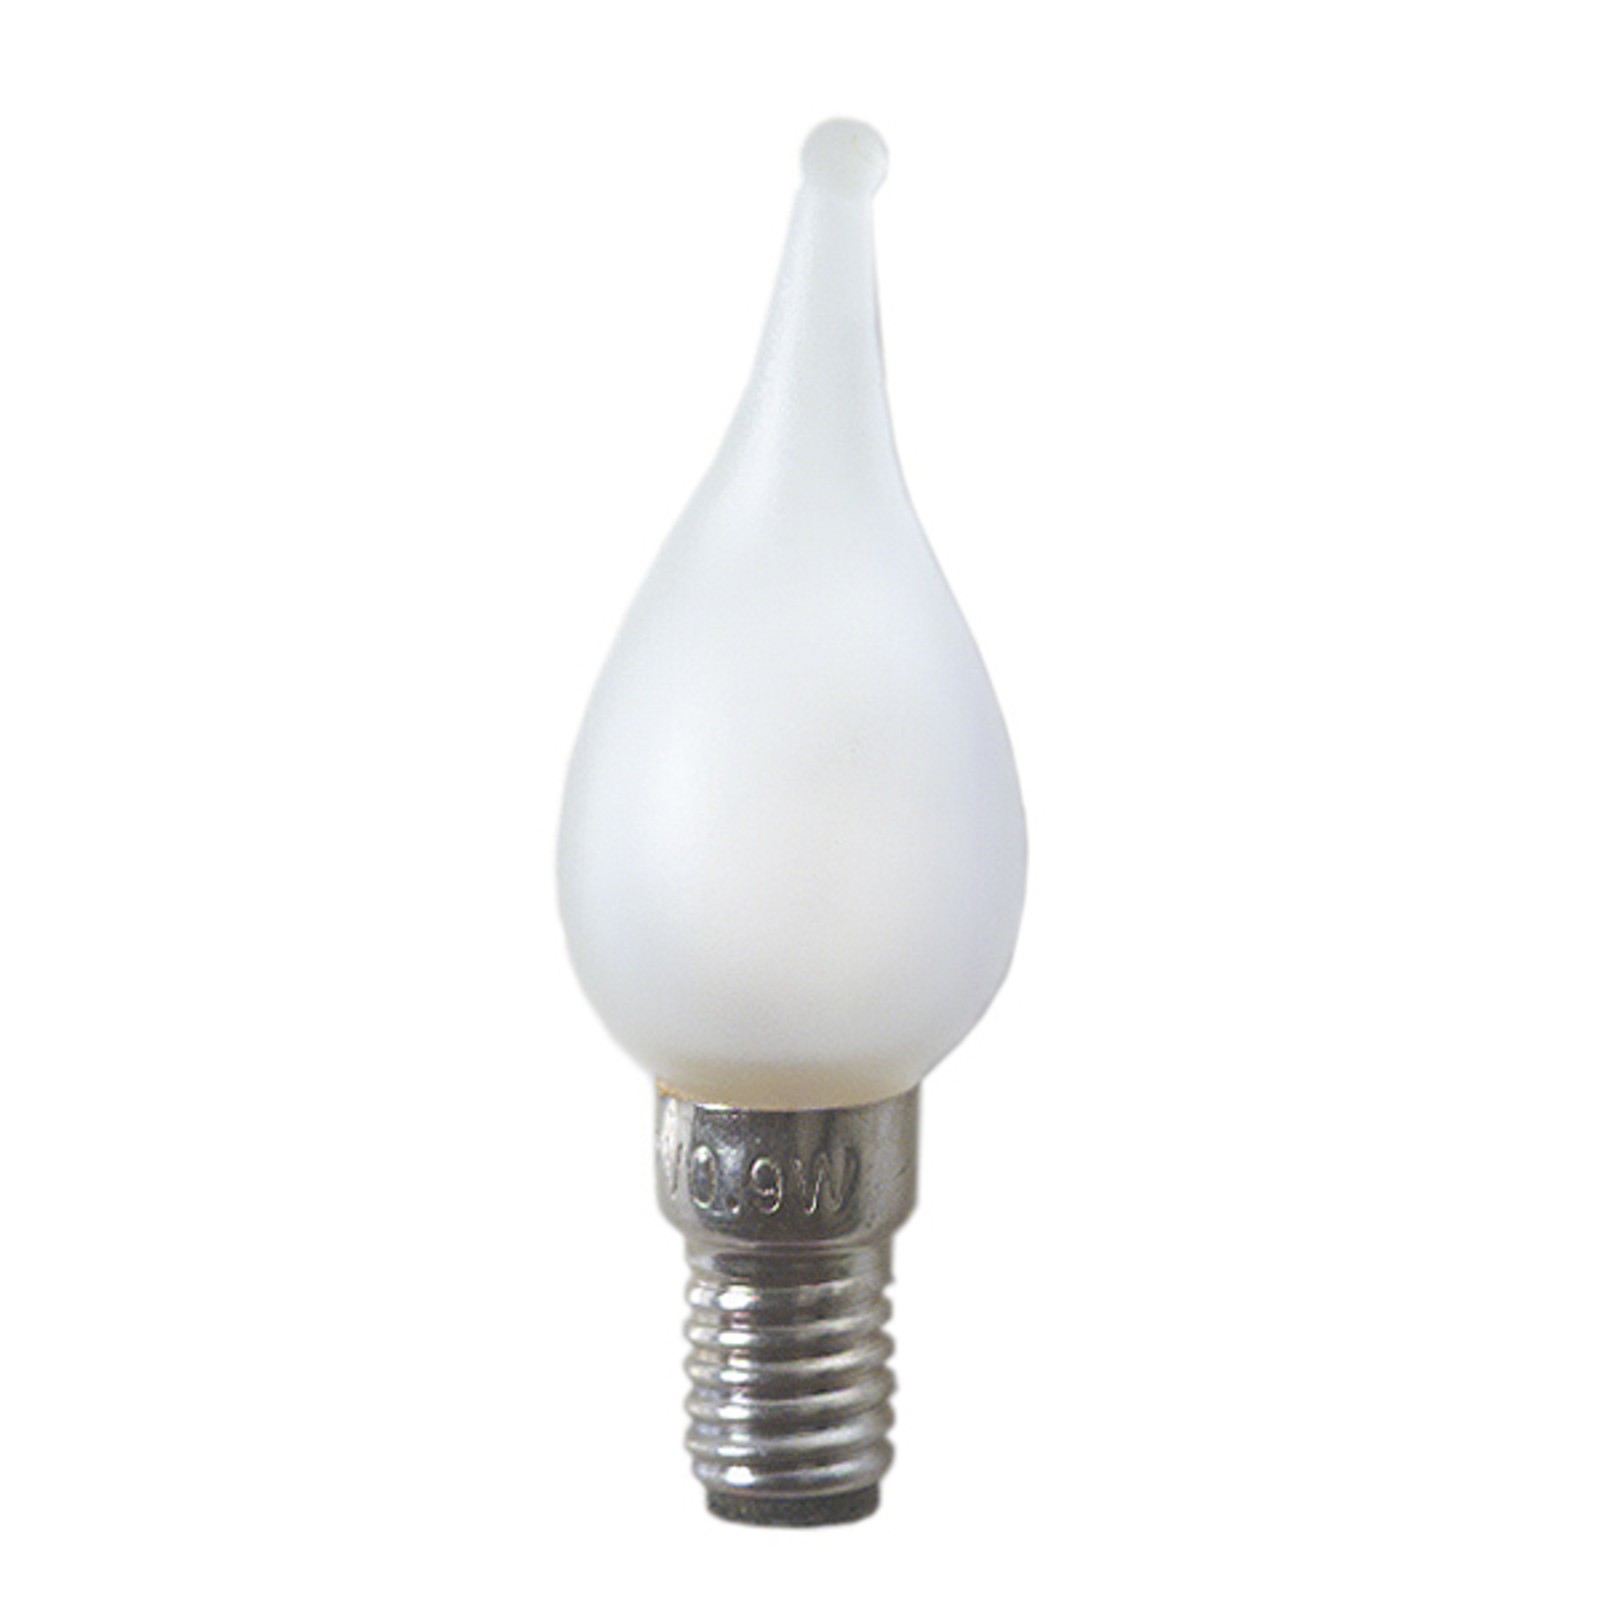 E6 0.9W 12V náhradní žárovky NV světlo do okna 3ks